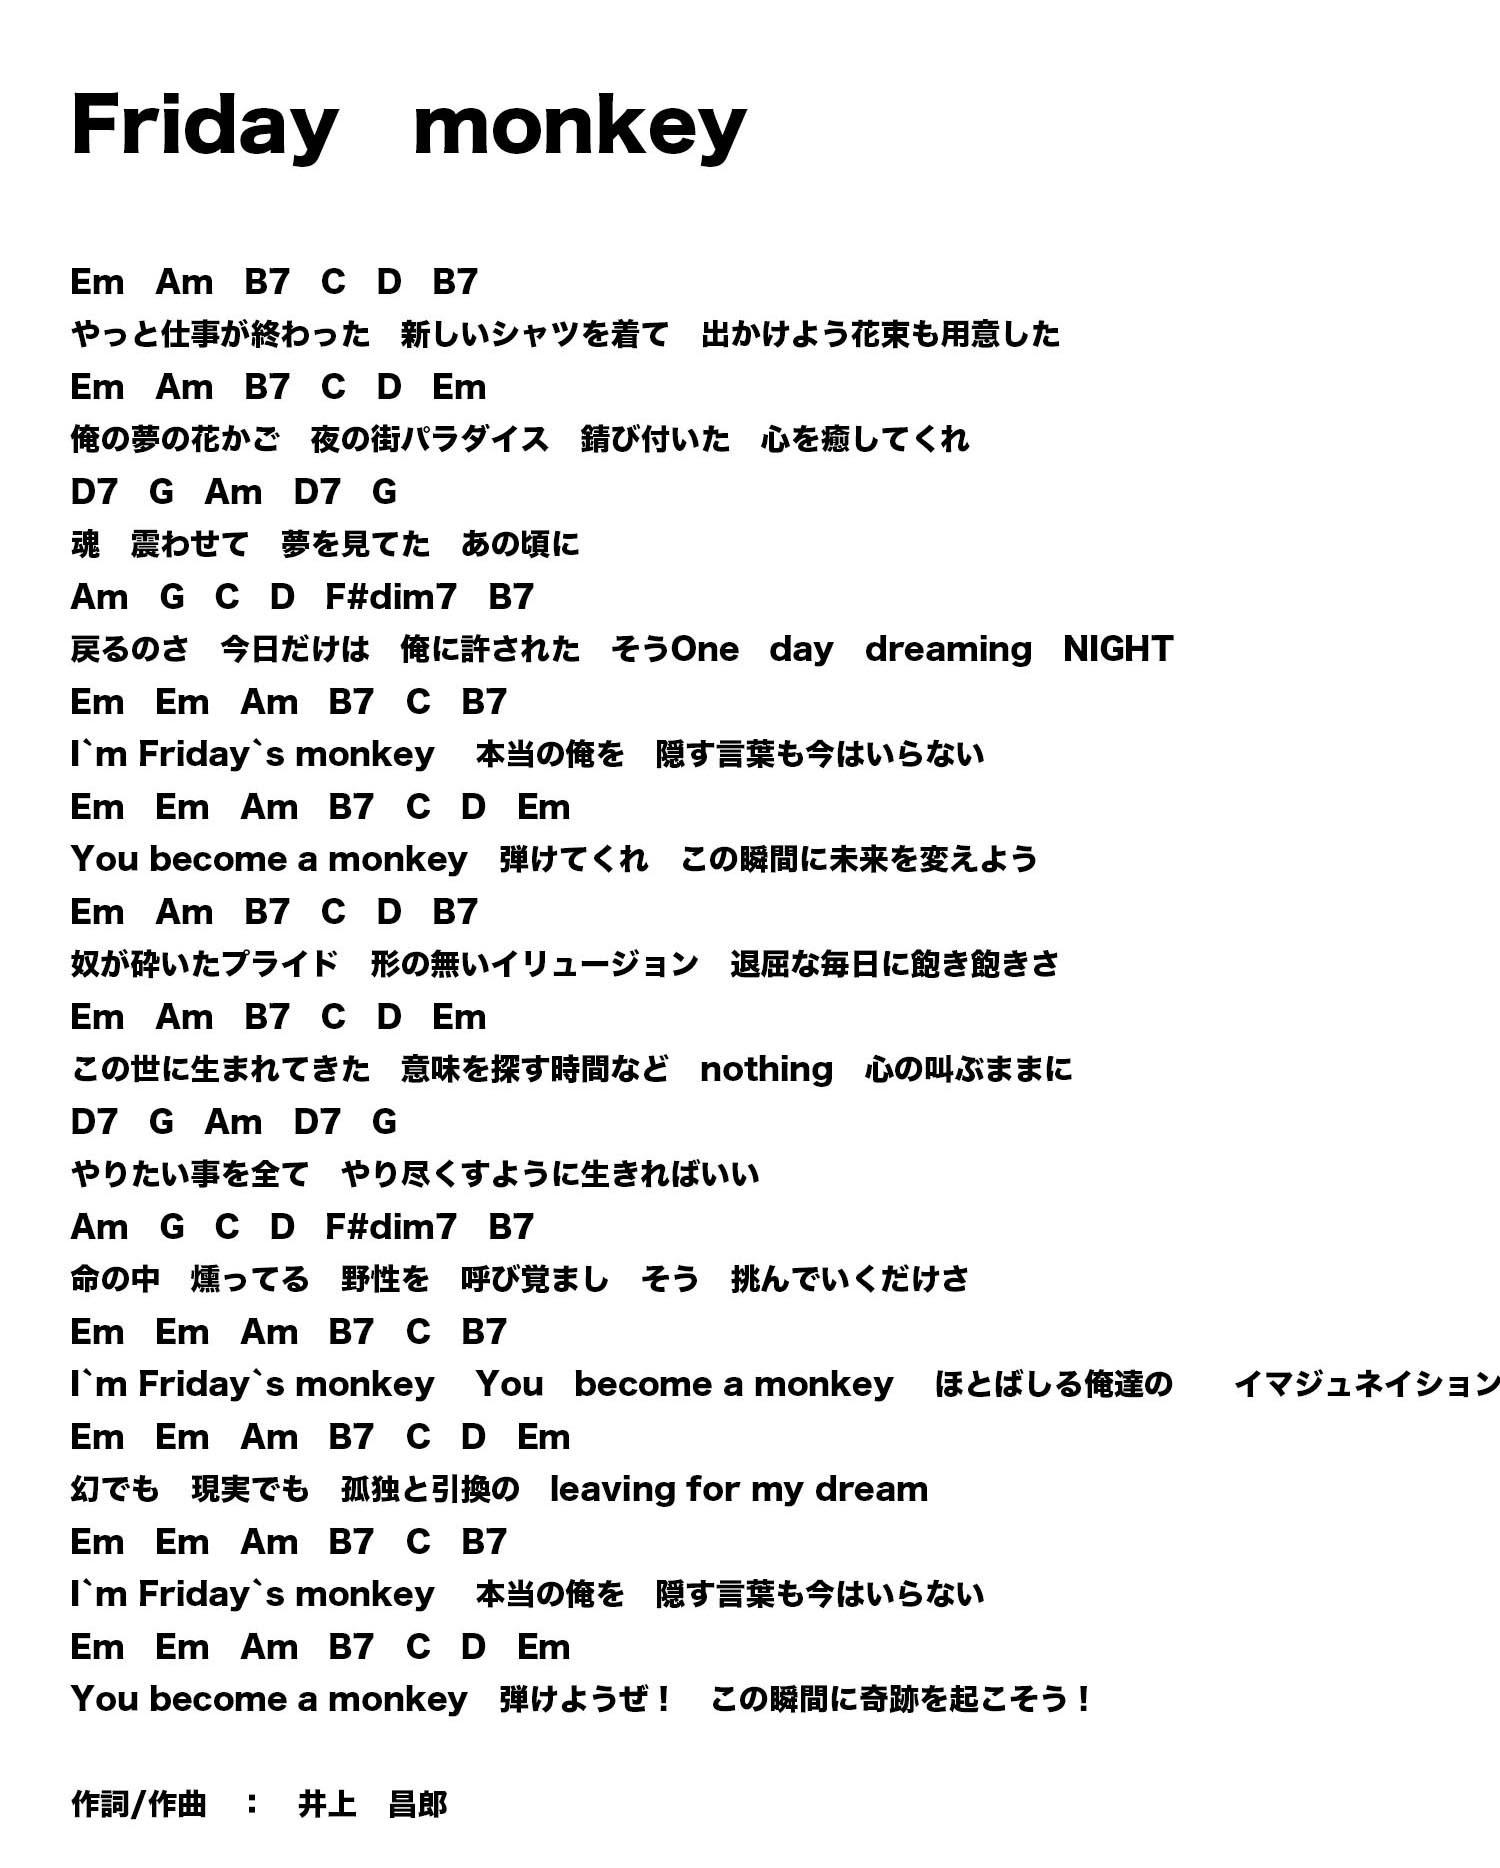 歌詞06.jpg